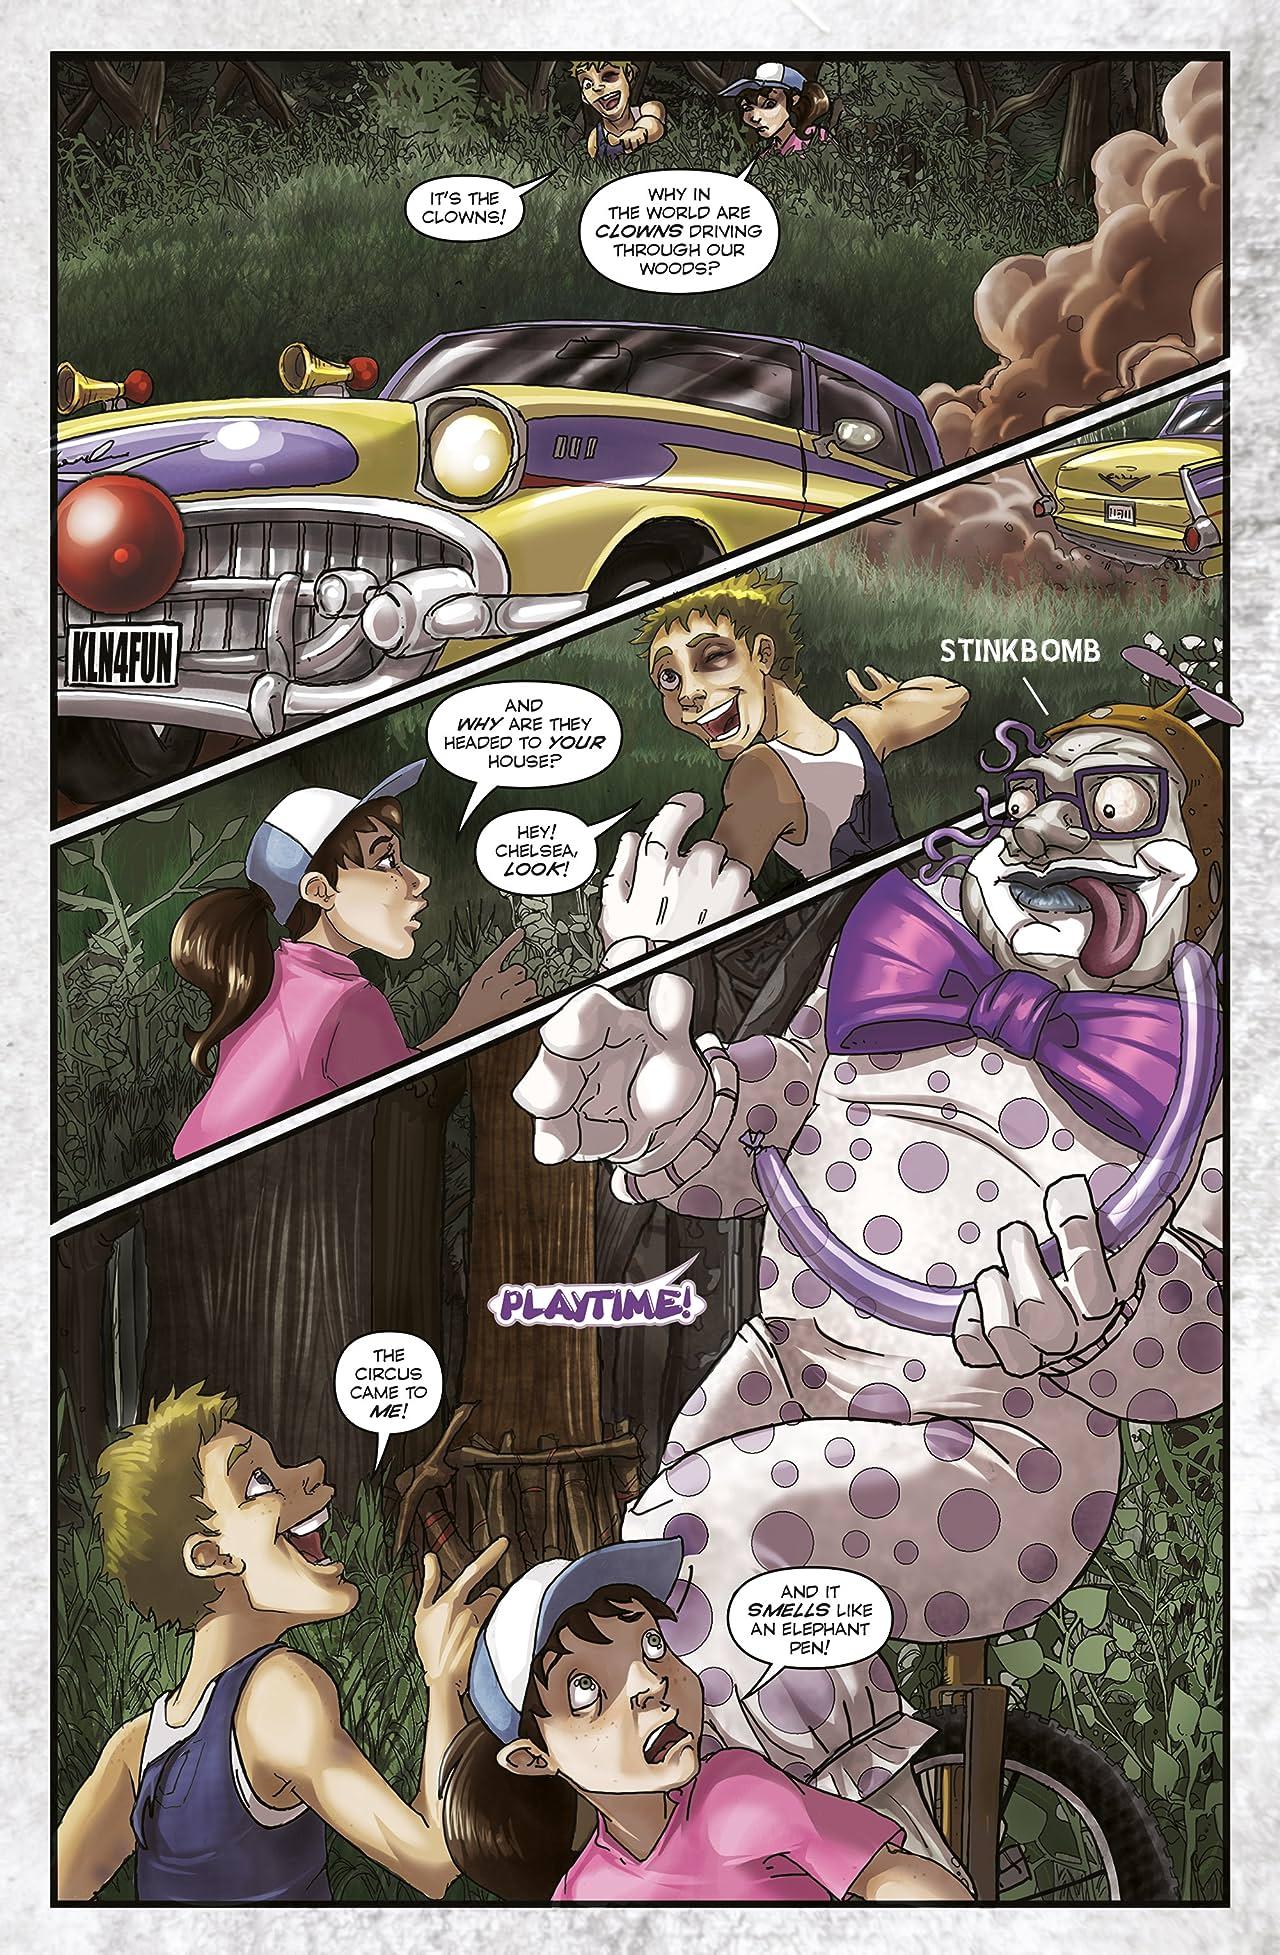 Vicious Circus #1